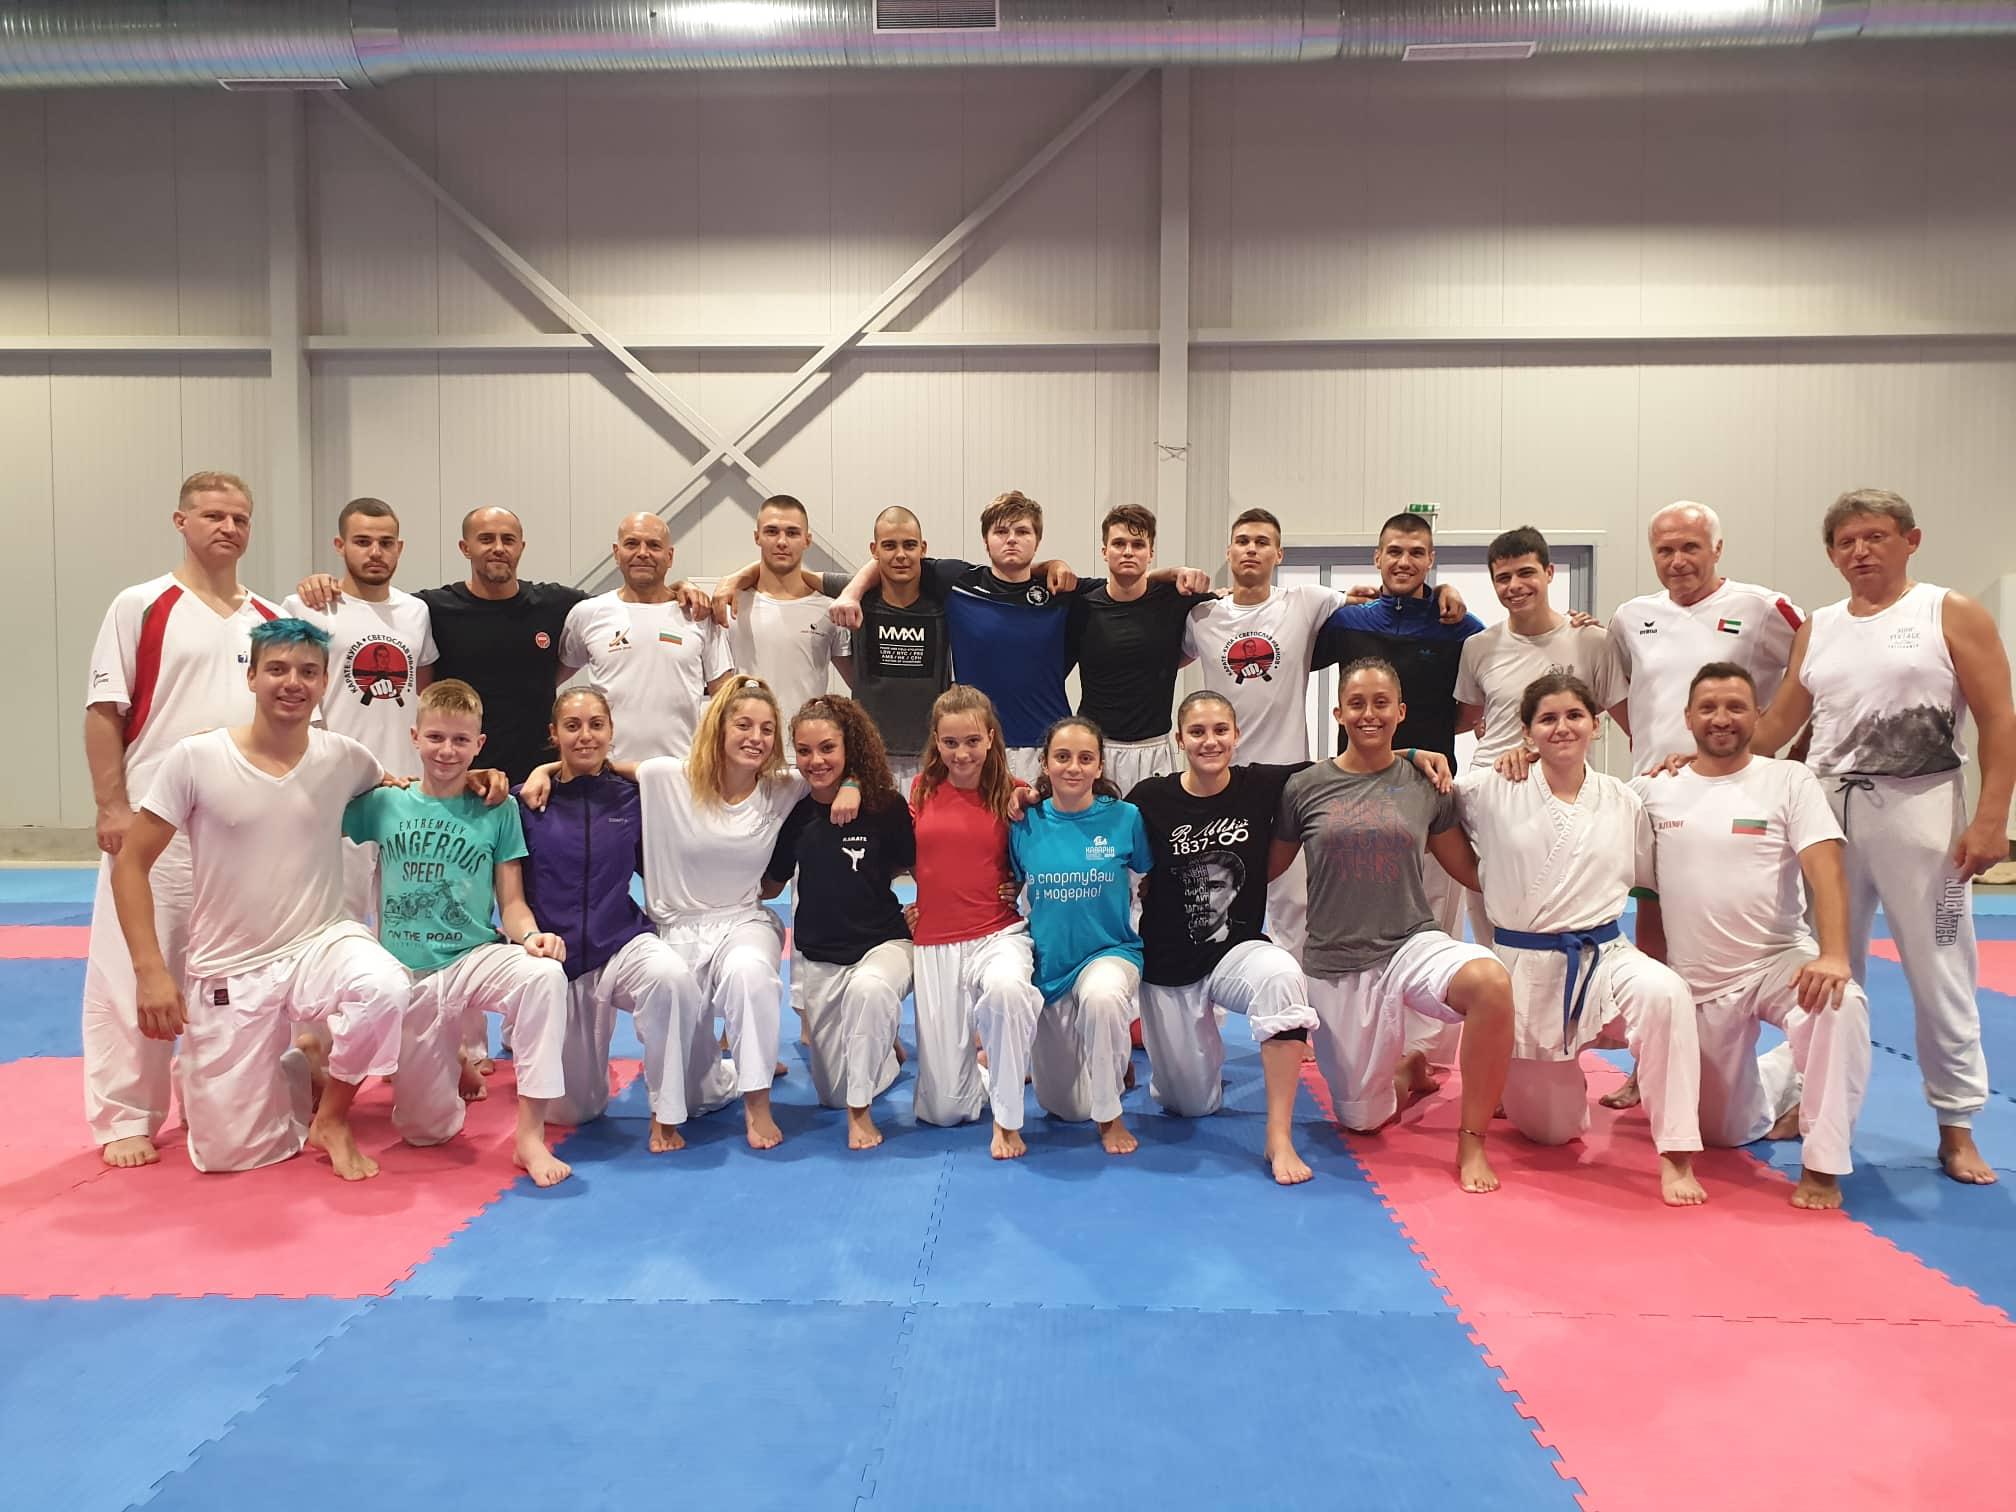 Националите ни в олимпийското карате с лагер в Кранево (СНИМКИ)